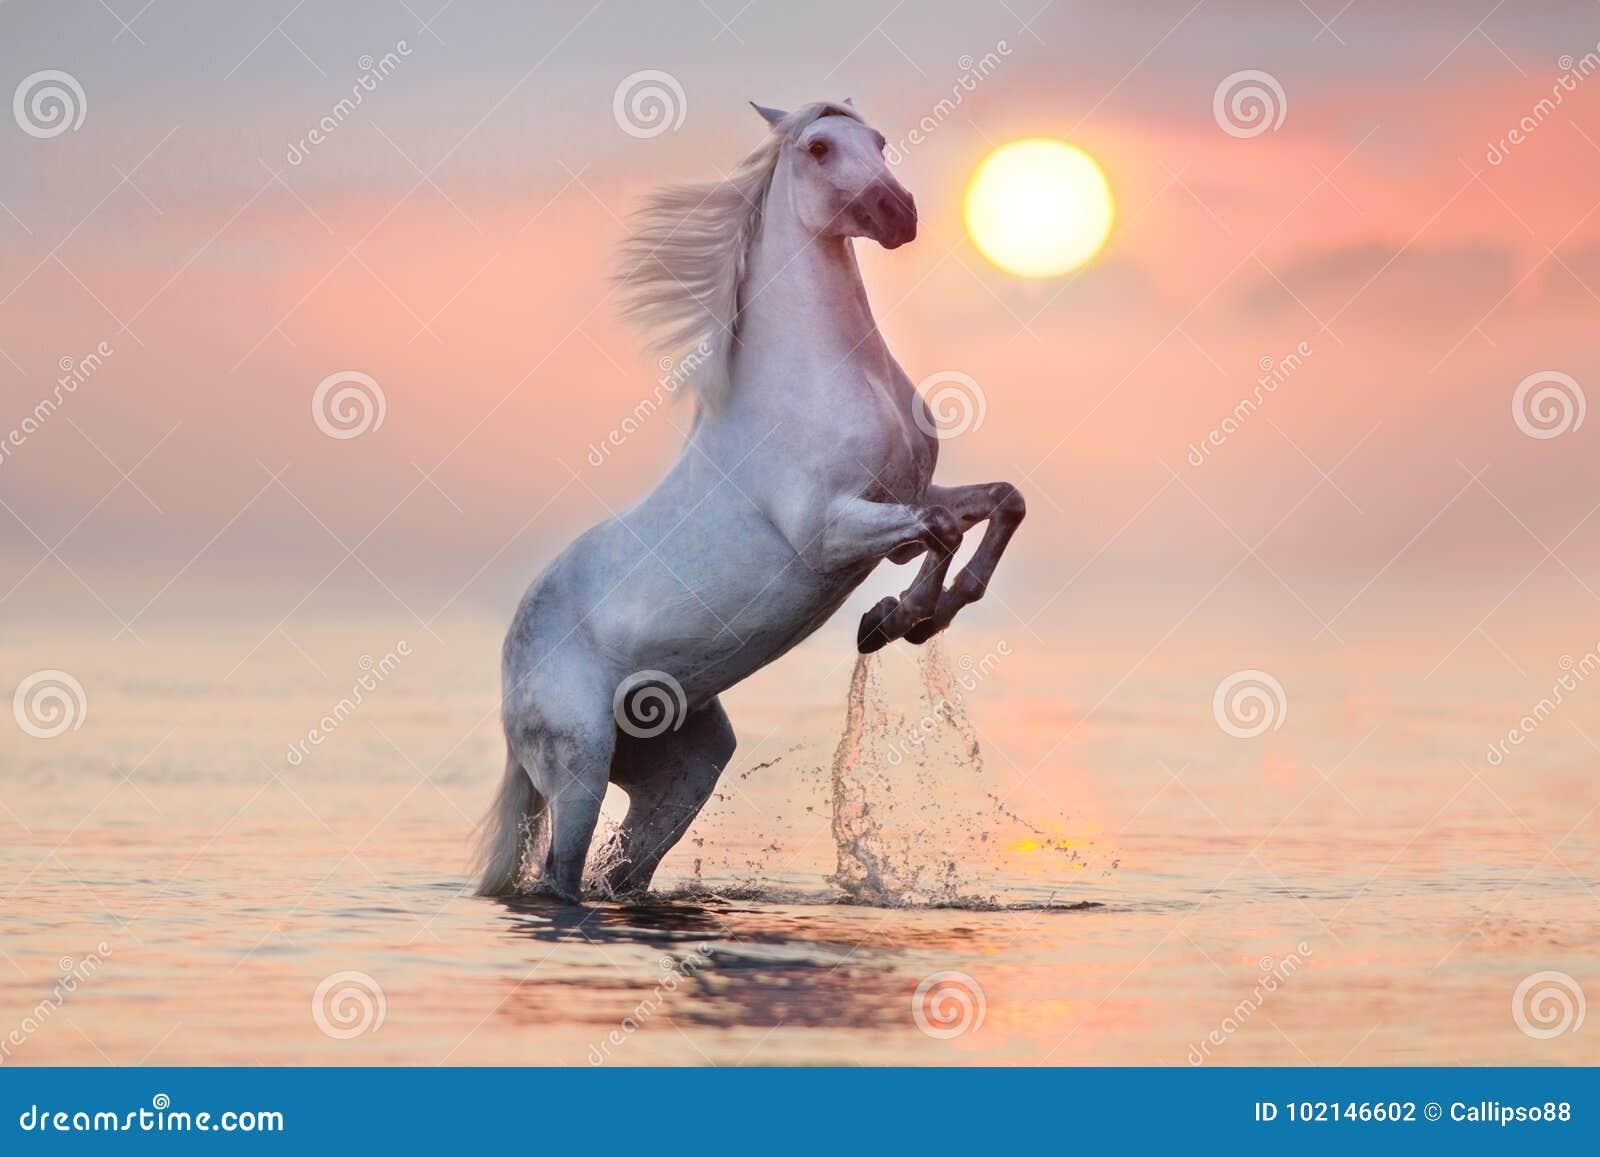 Paard het grootbrengen omhoog in water